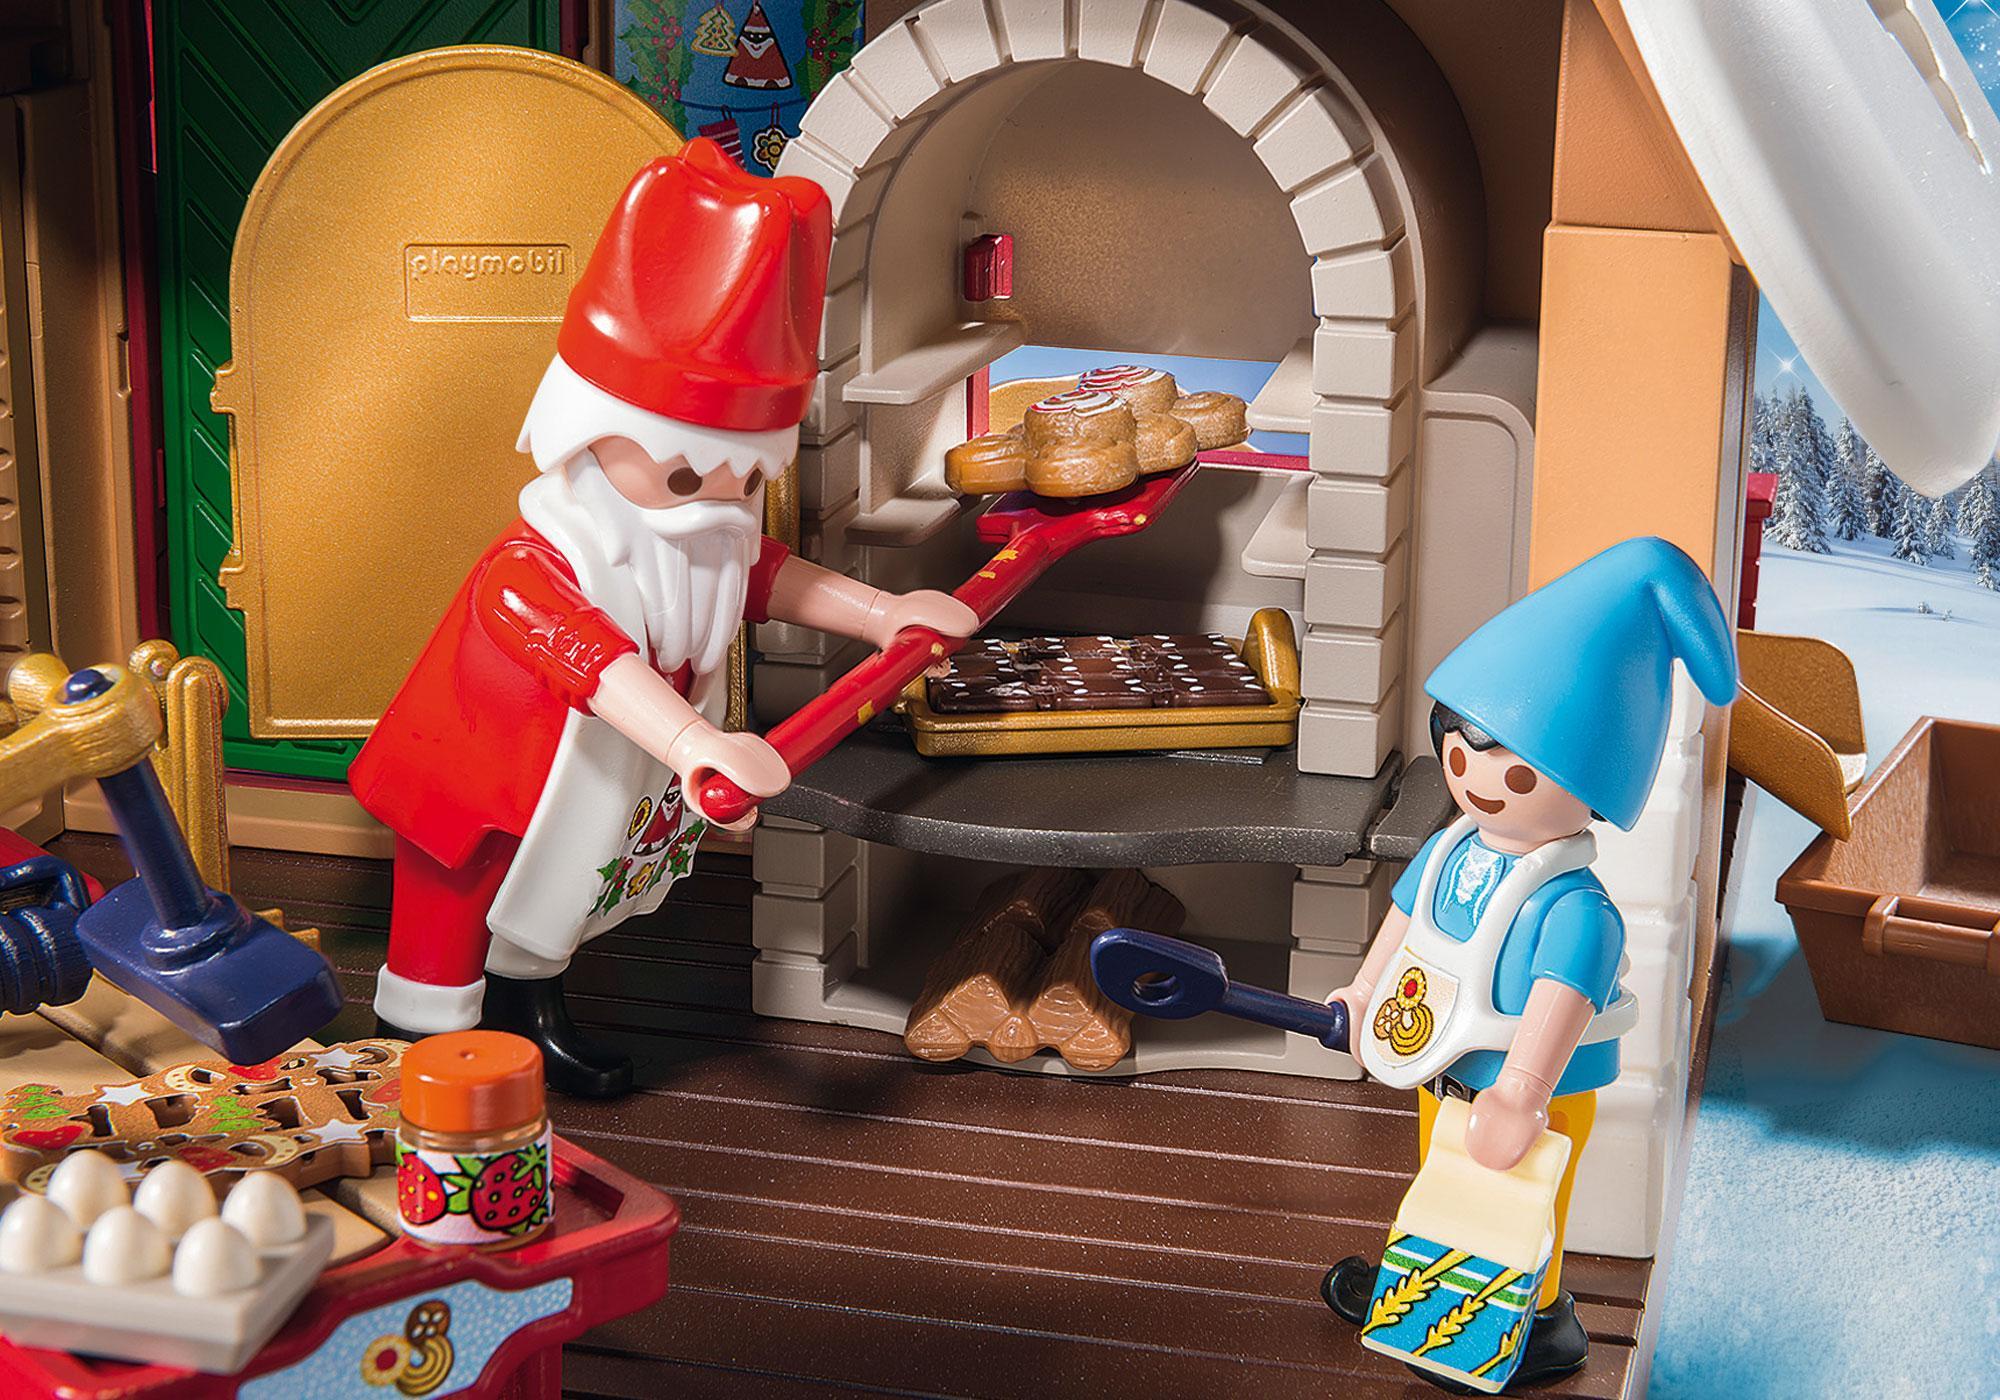 http://media.playmobil.com/i/playmobil/9493_product_extra1/Atelier de biscuit du Père Noël avec moules